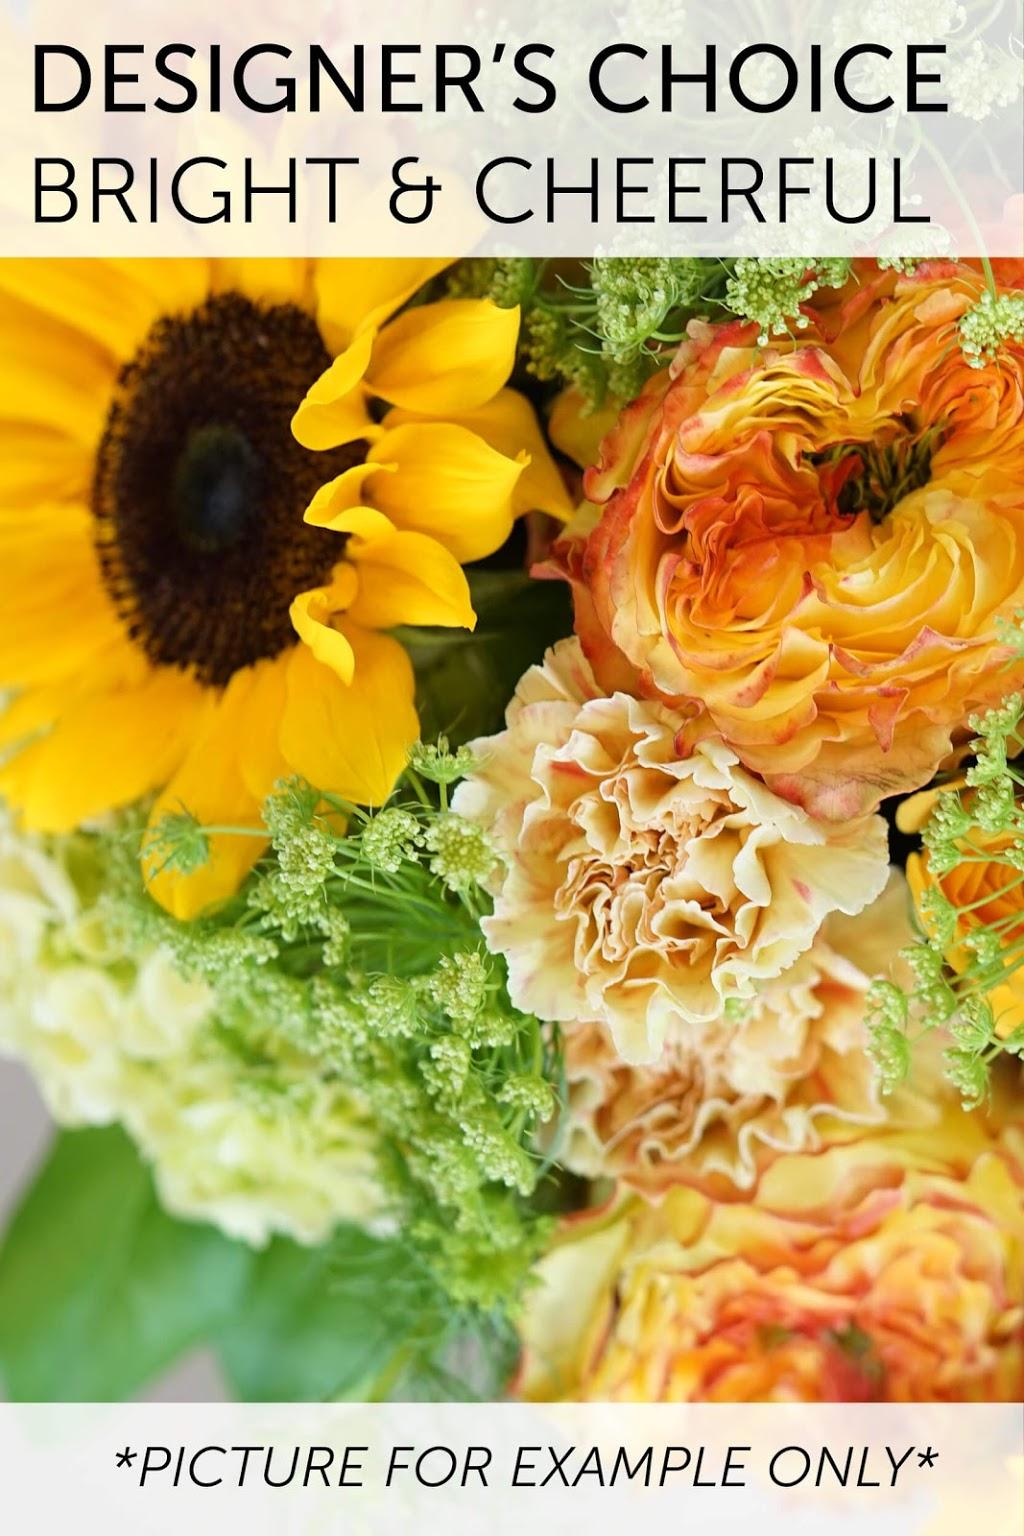 Pollards Florist - florist  | Photo 10 of 10 | Address: 609 Harpersville Rd, Newport News, VA 23601, USA | Phone: (757) 595-7661